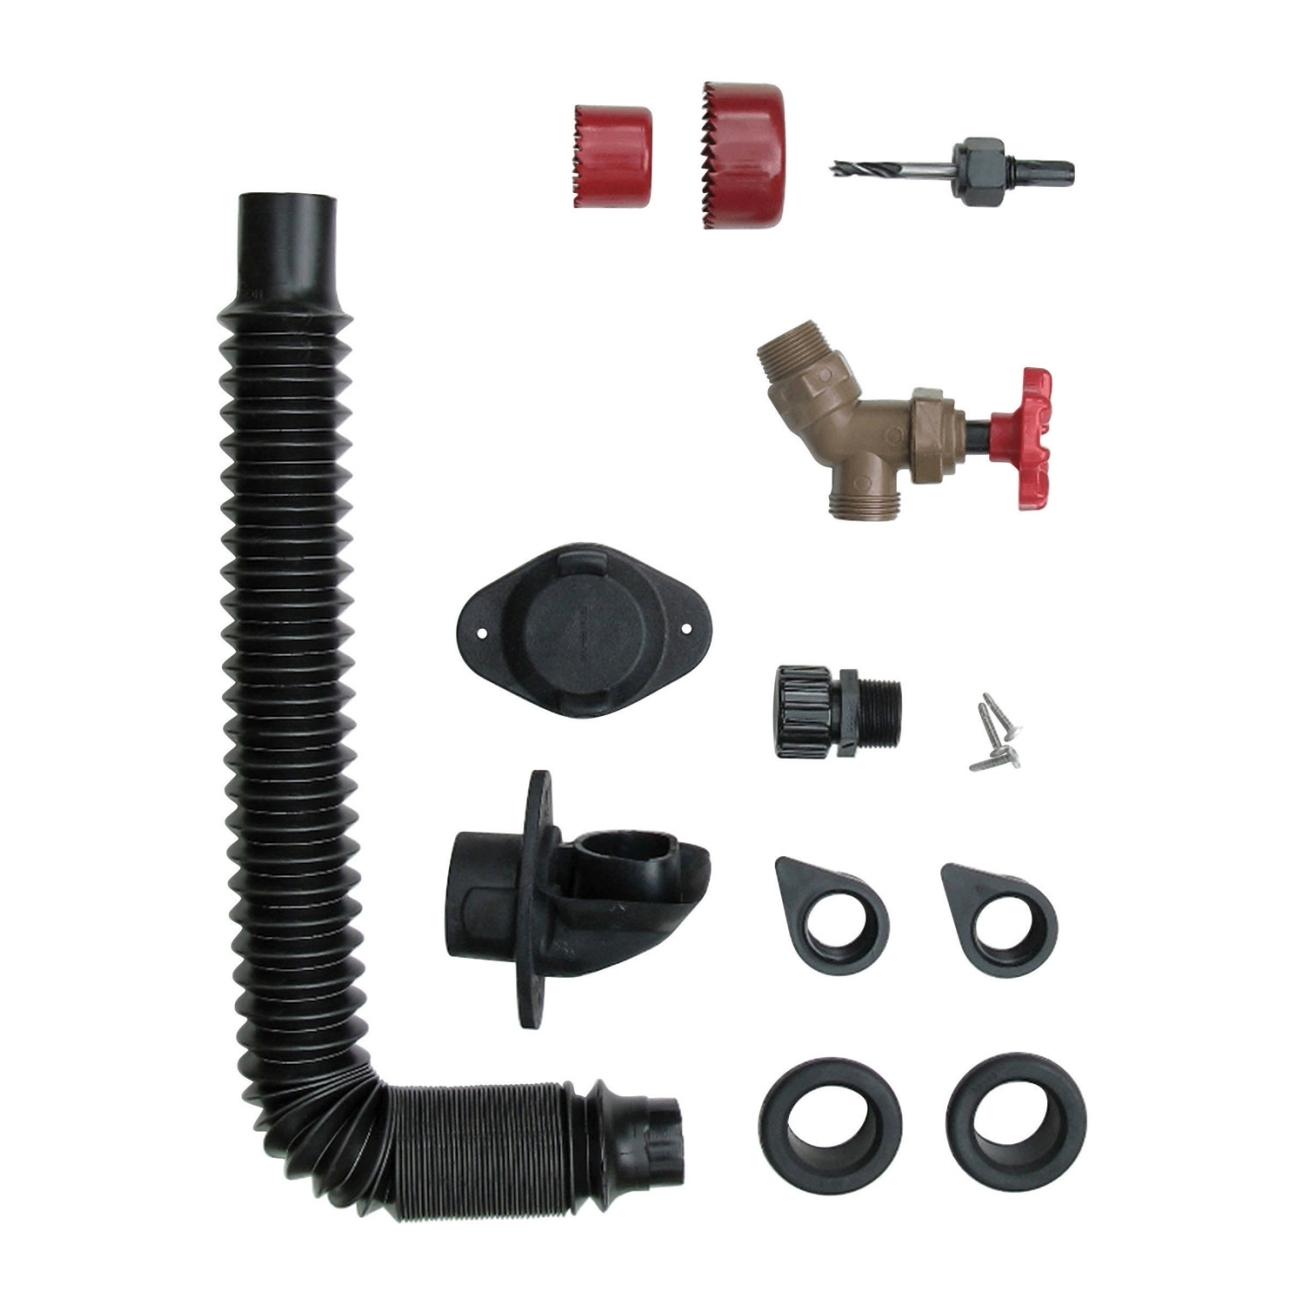 Ideas, faucet kit for rain barrel faucet kit for rain barrel rain barrels and water barrels at ace hardware 1305 x 1305  .